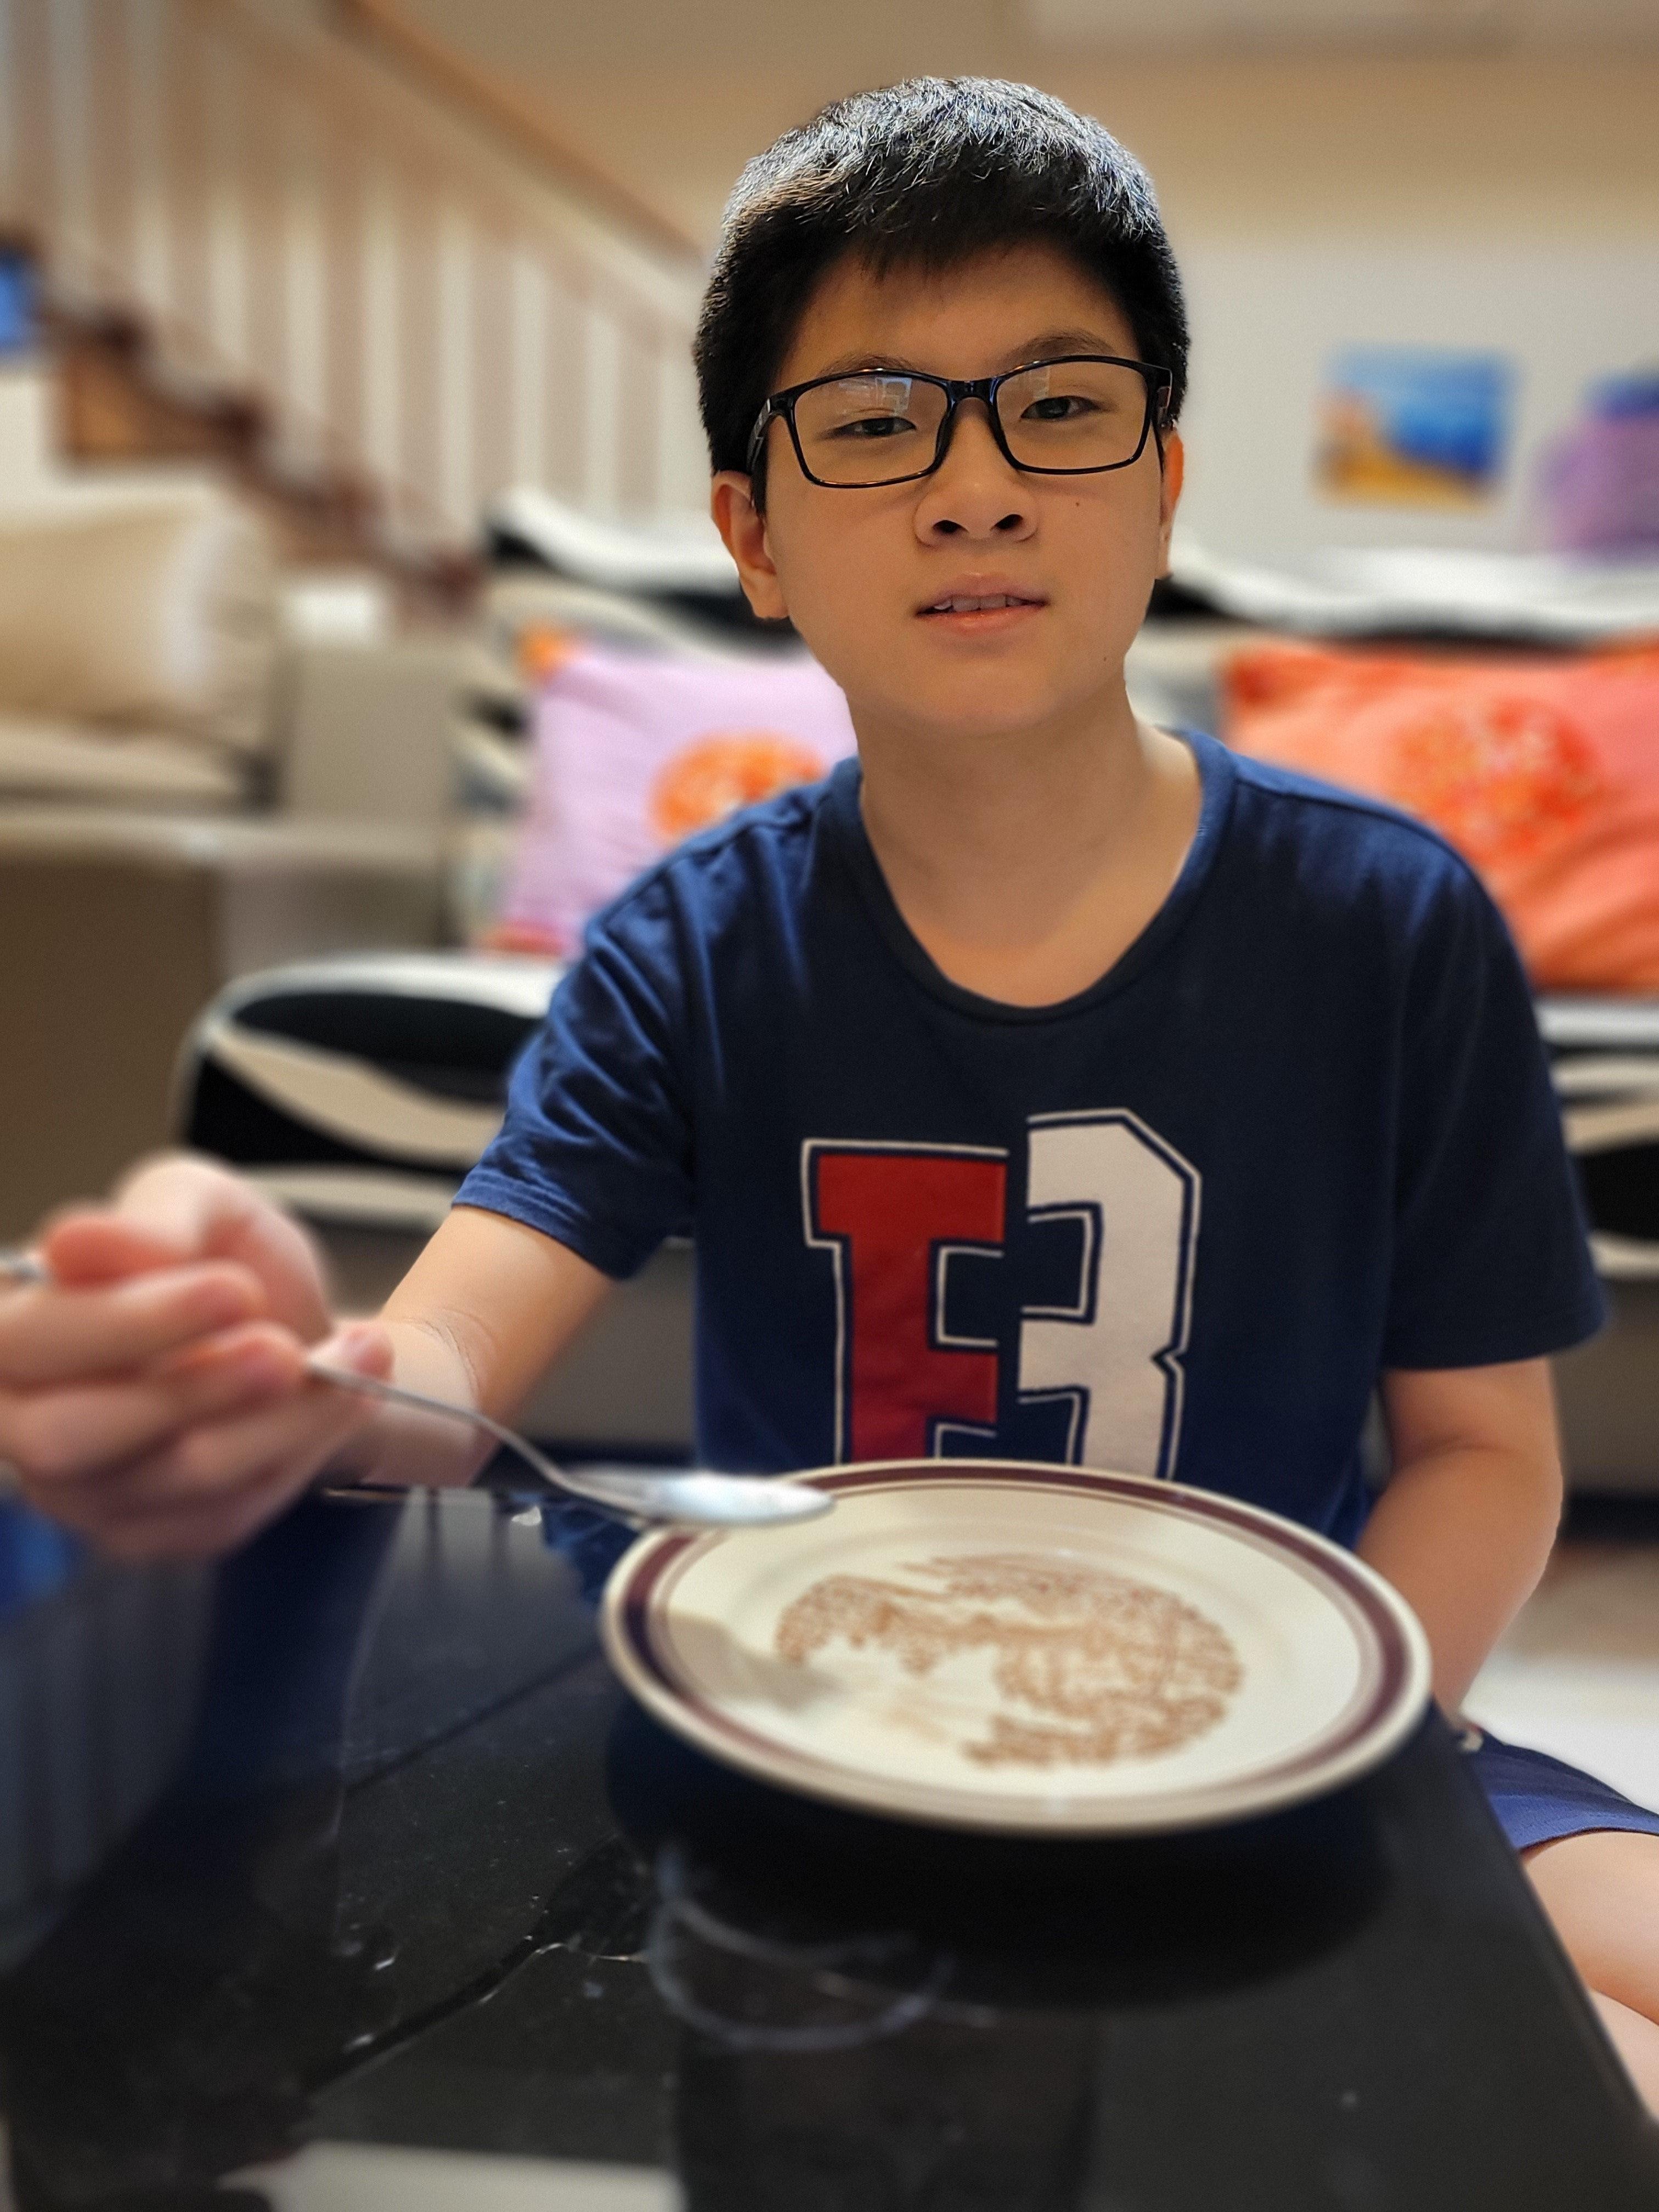 Hui Zhe Poh